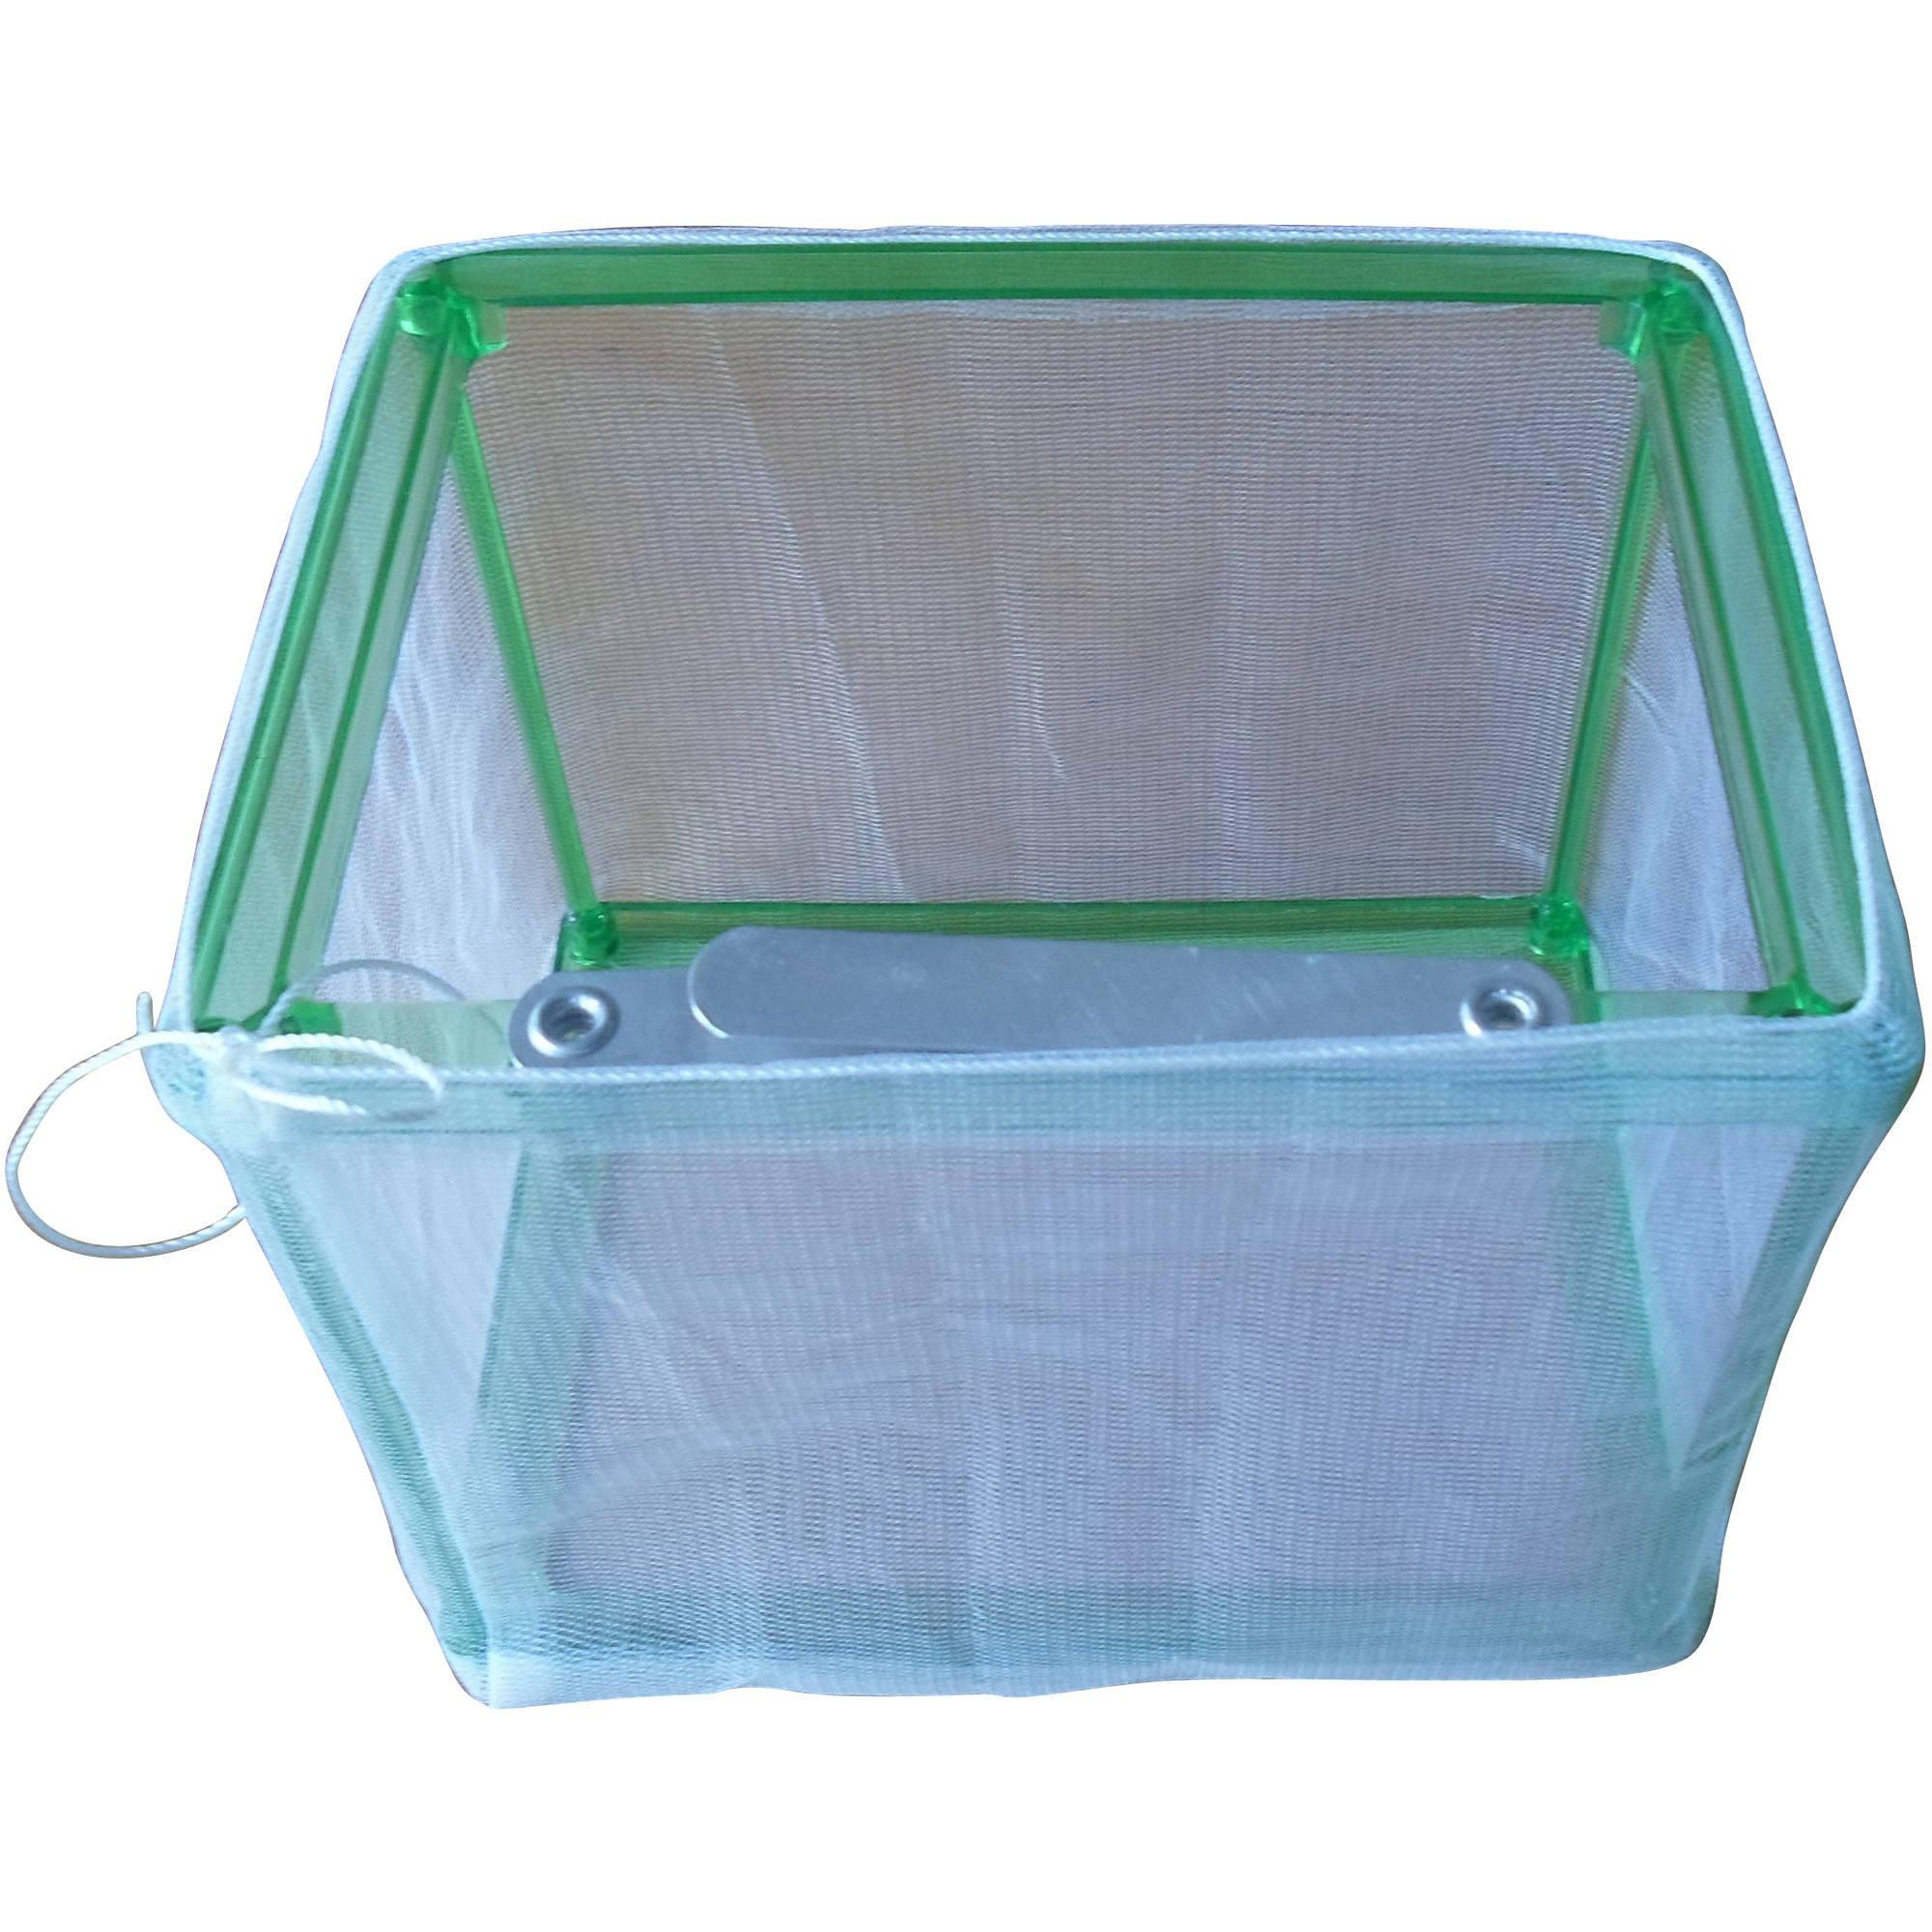 Aquaculture Green Breeder Fish Net